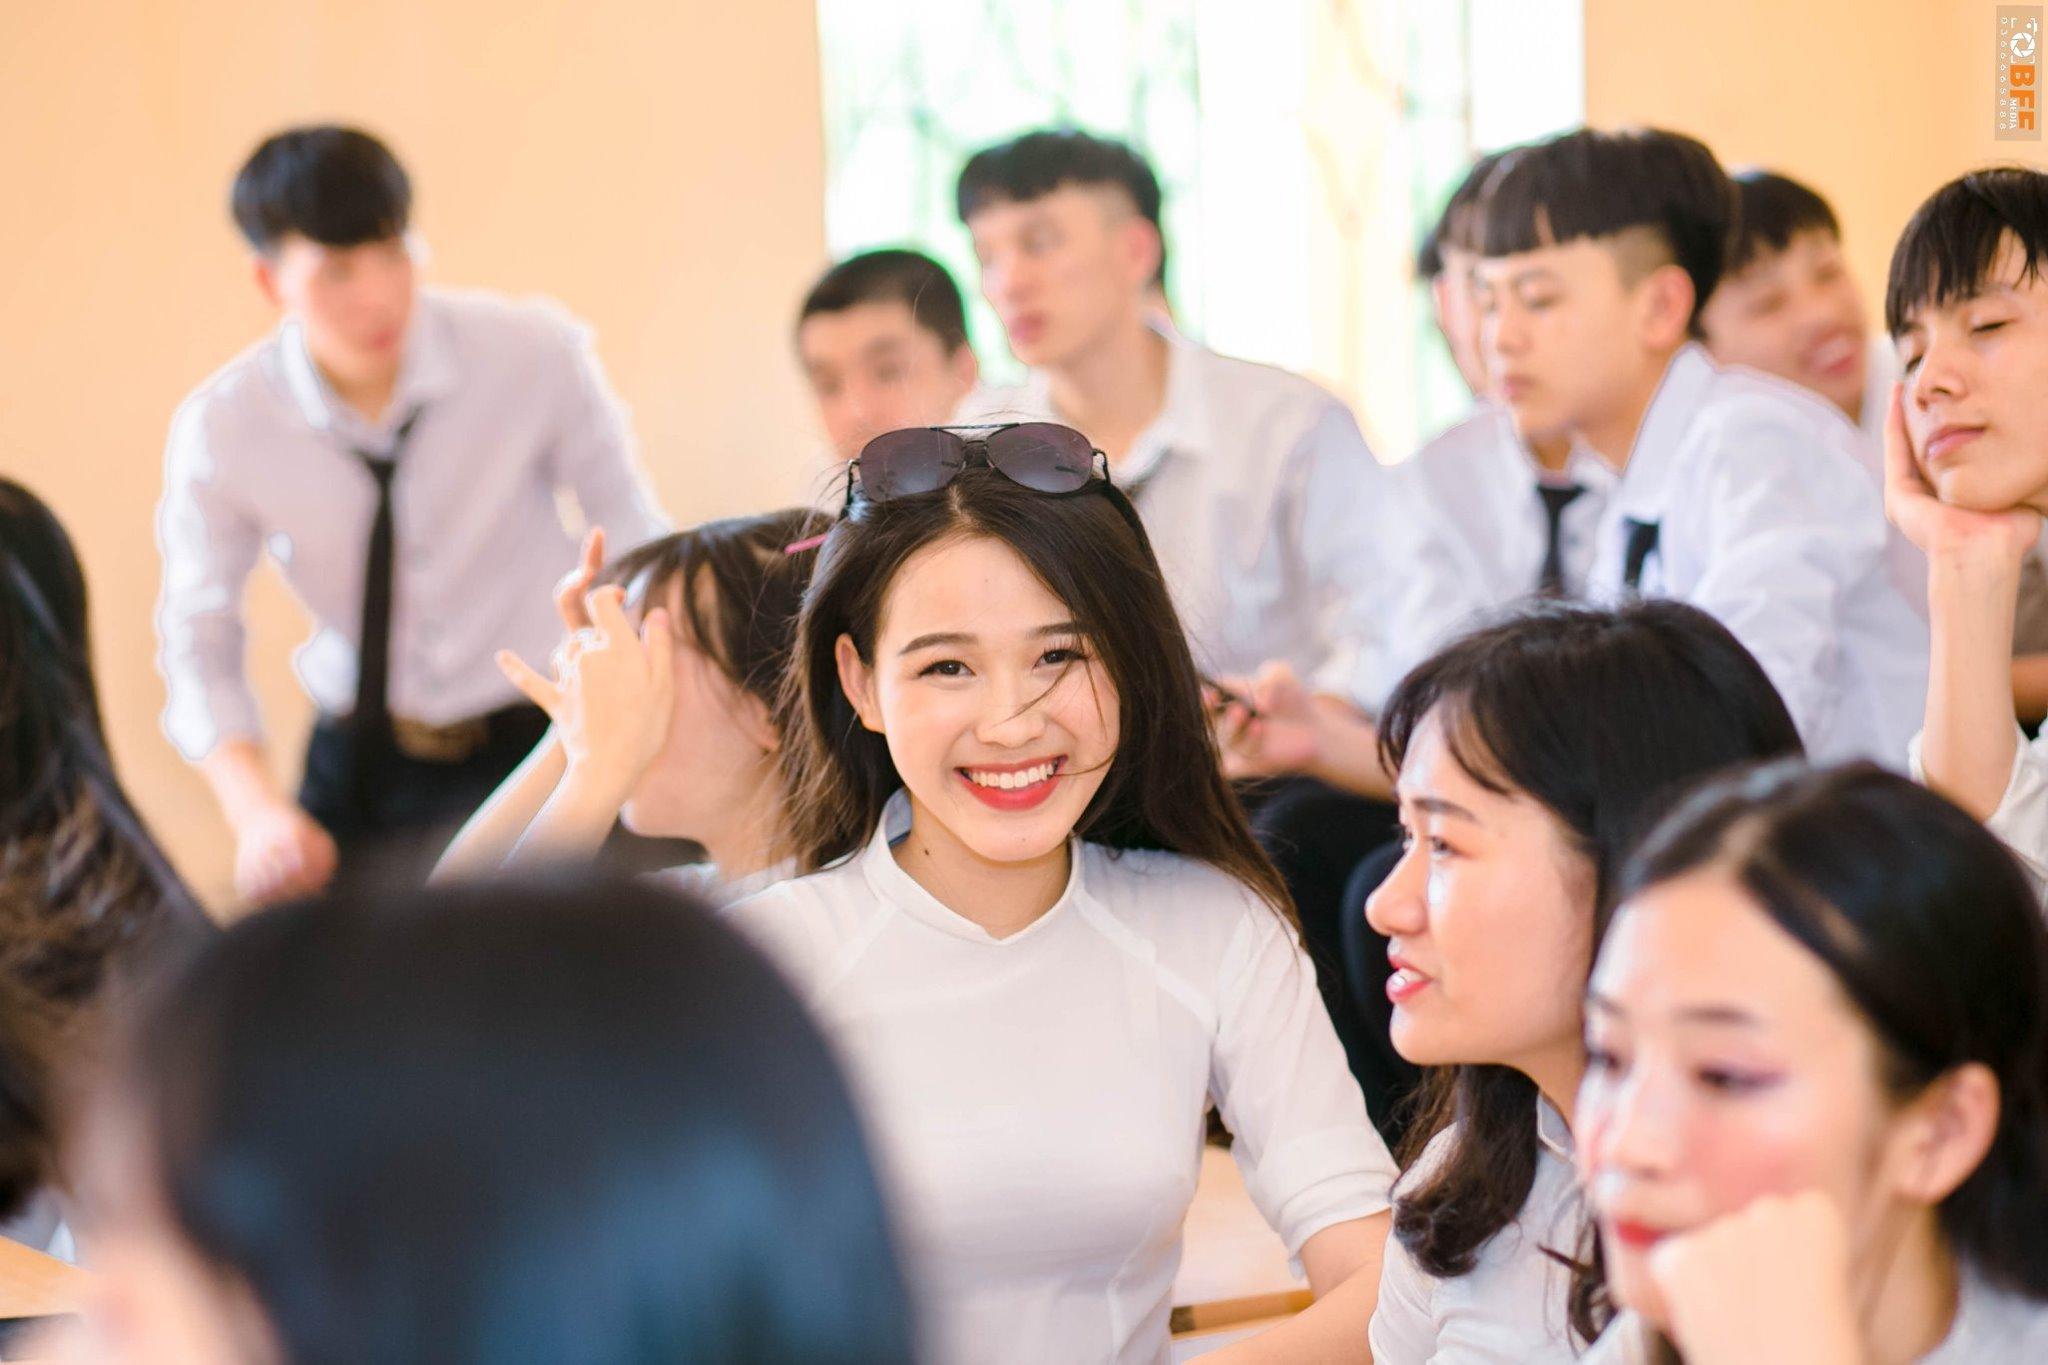 """2 sắc son tô điểm nhan sắc cho nàng Tân Hoa hậu 19 tuổi: Ngay cả đêm chung kết Đỗ Thị Hà cũng diện sắc son """"chân ái""""  - Ảnh 11."""